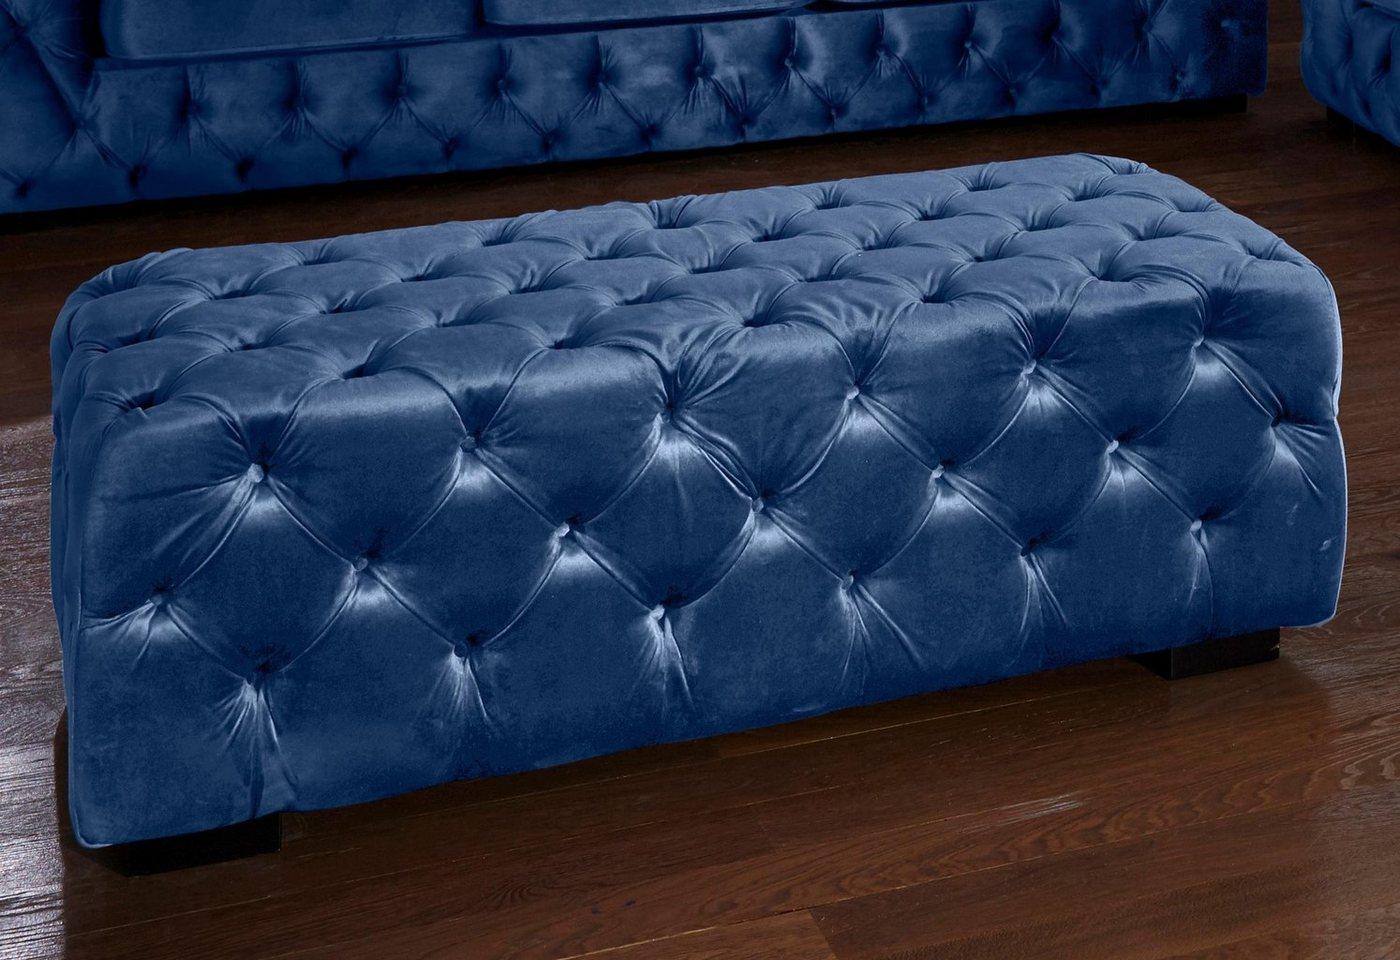 Polsterhocker »Kalina«, blau, Guido Maria Kretschmer Home&Living»Kalina« günstig online kaufen